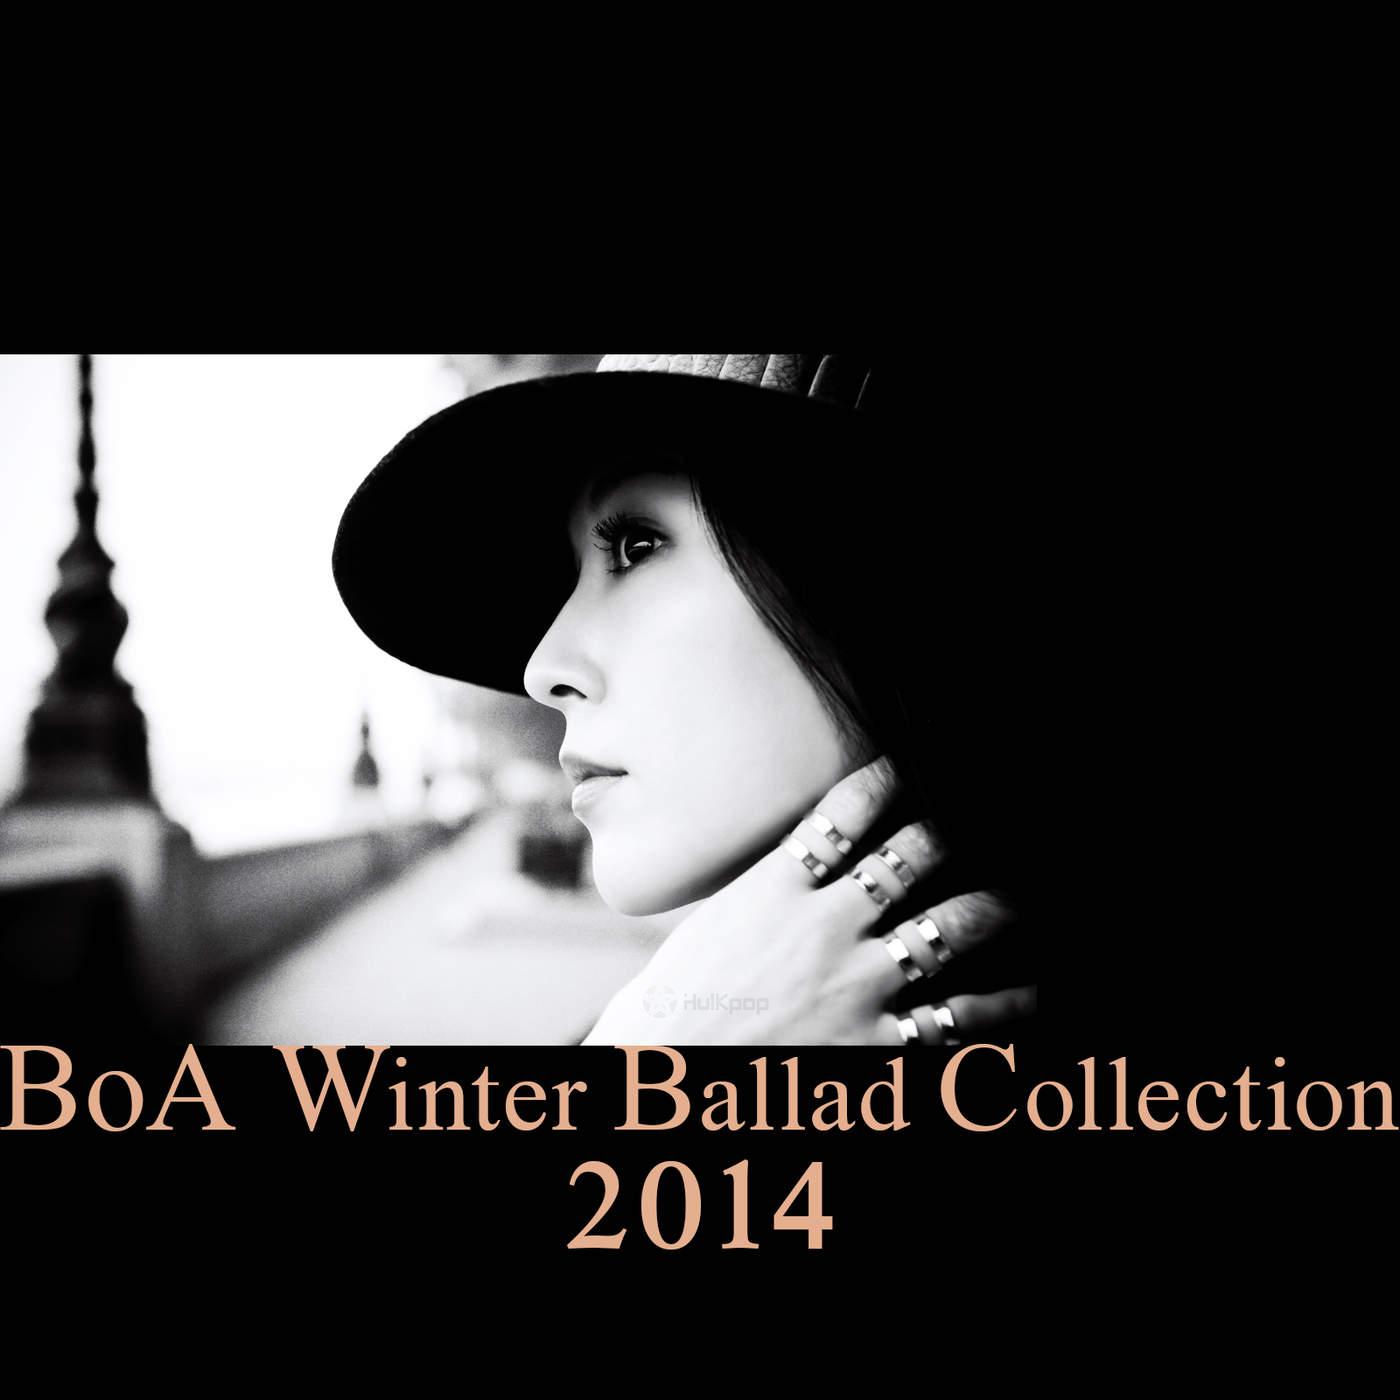 BoA – Winter Ballad Collection 2014 (Japanese)